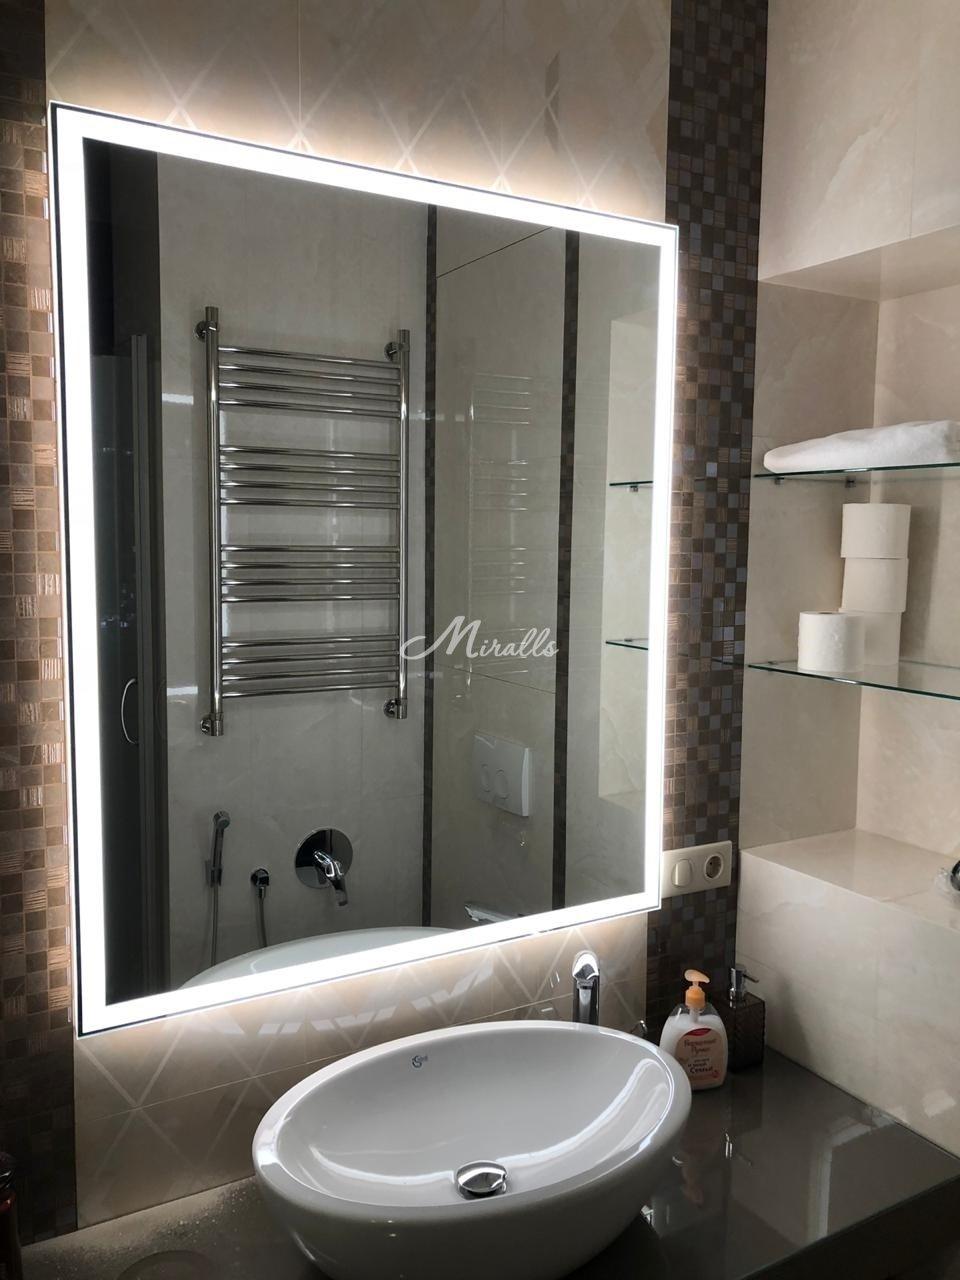 Зеркало Murano Extra в ванной комнате частной квартиры (ЖК Мосфильмовская)